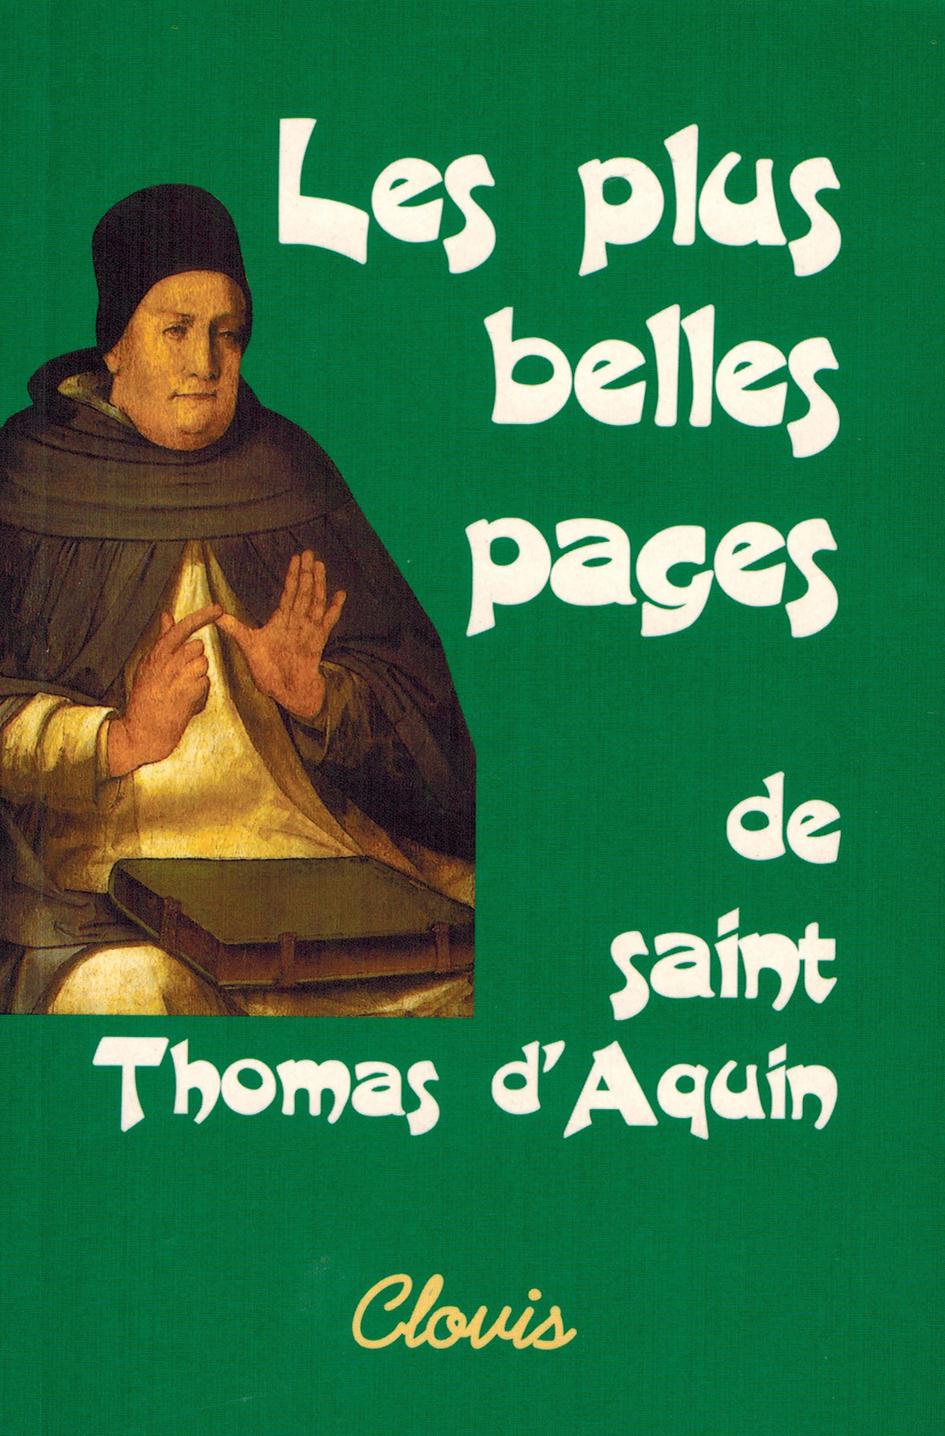 LES PLUS BELLES PAGES DE SAINT THOMAS D'AQUIN